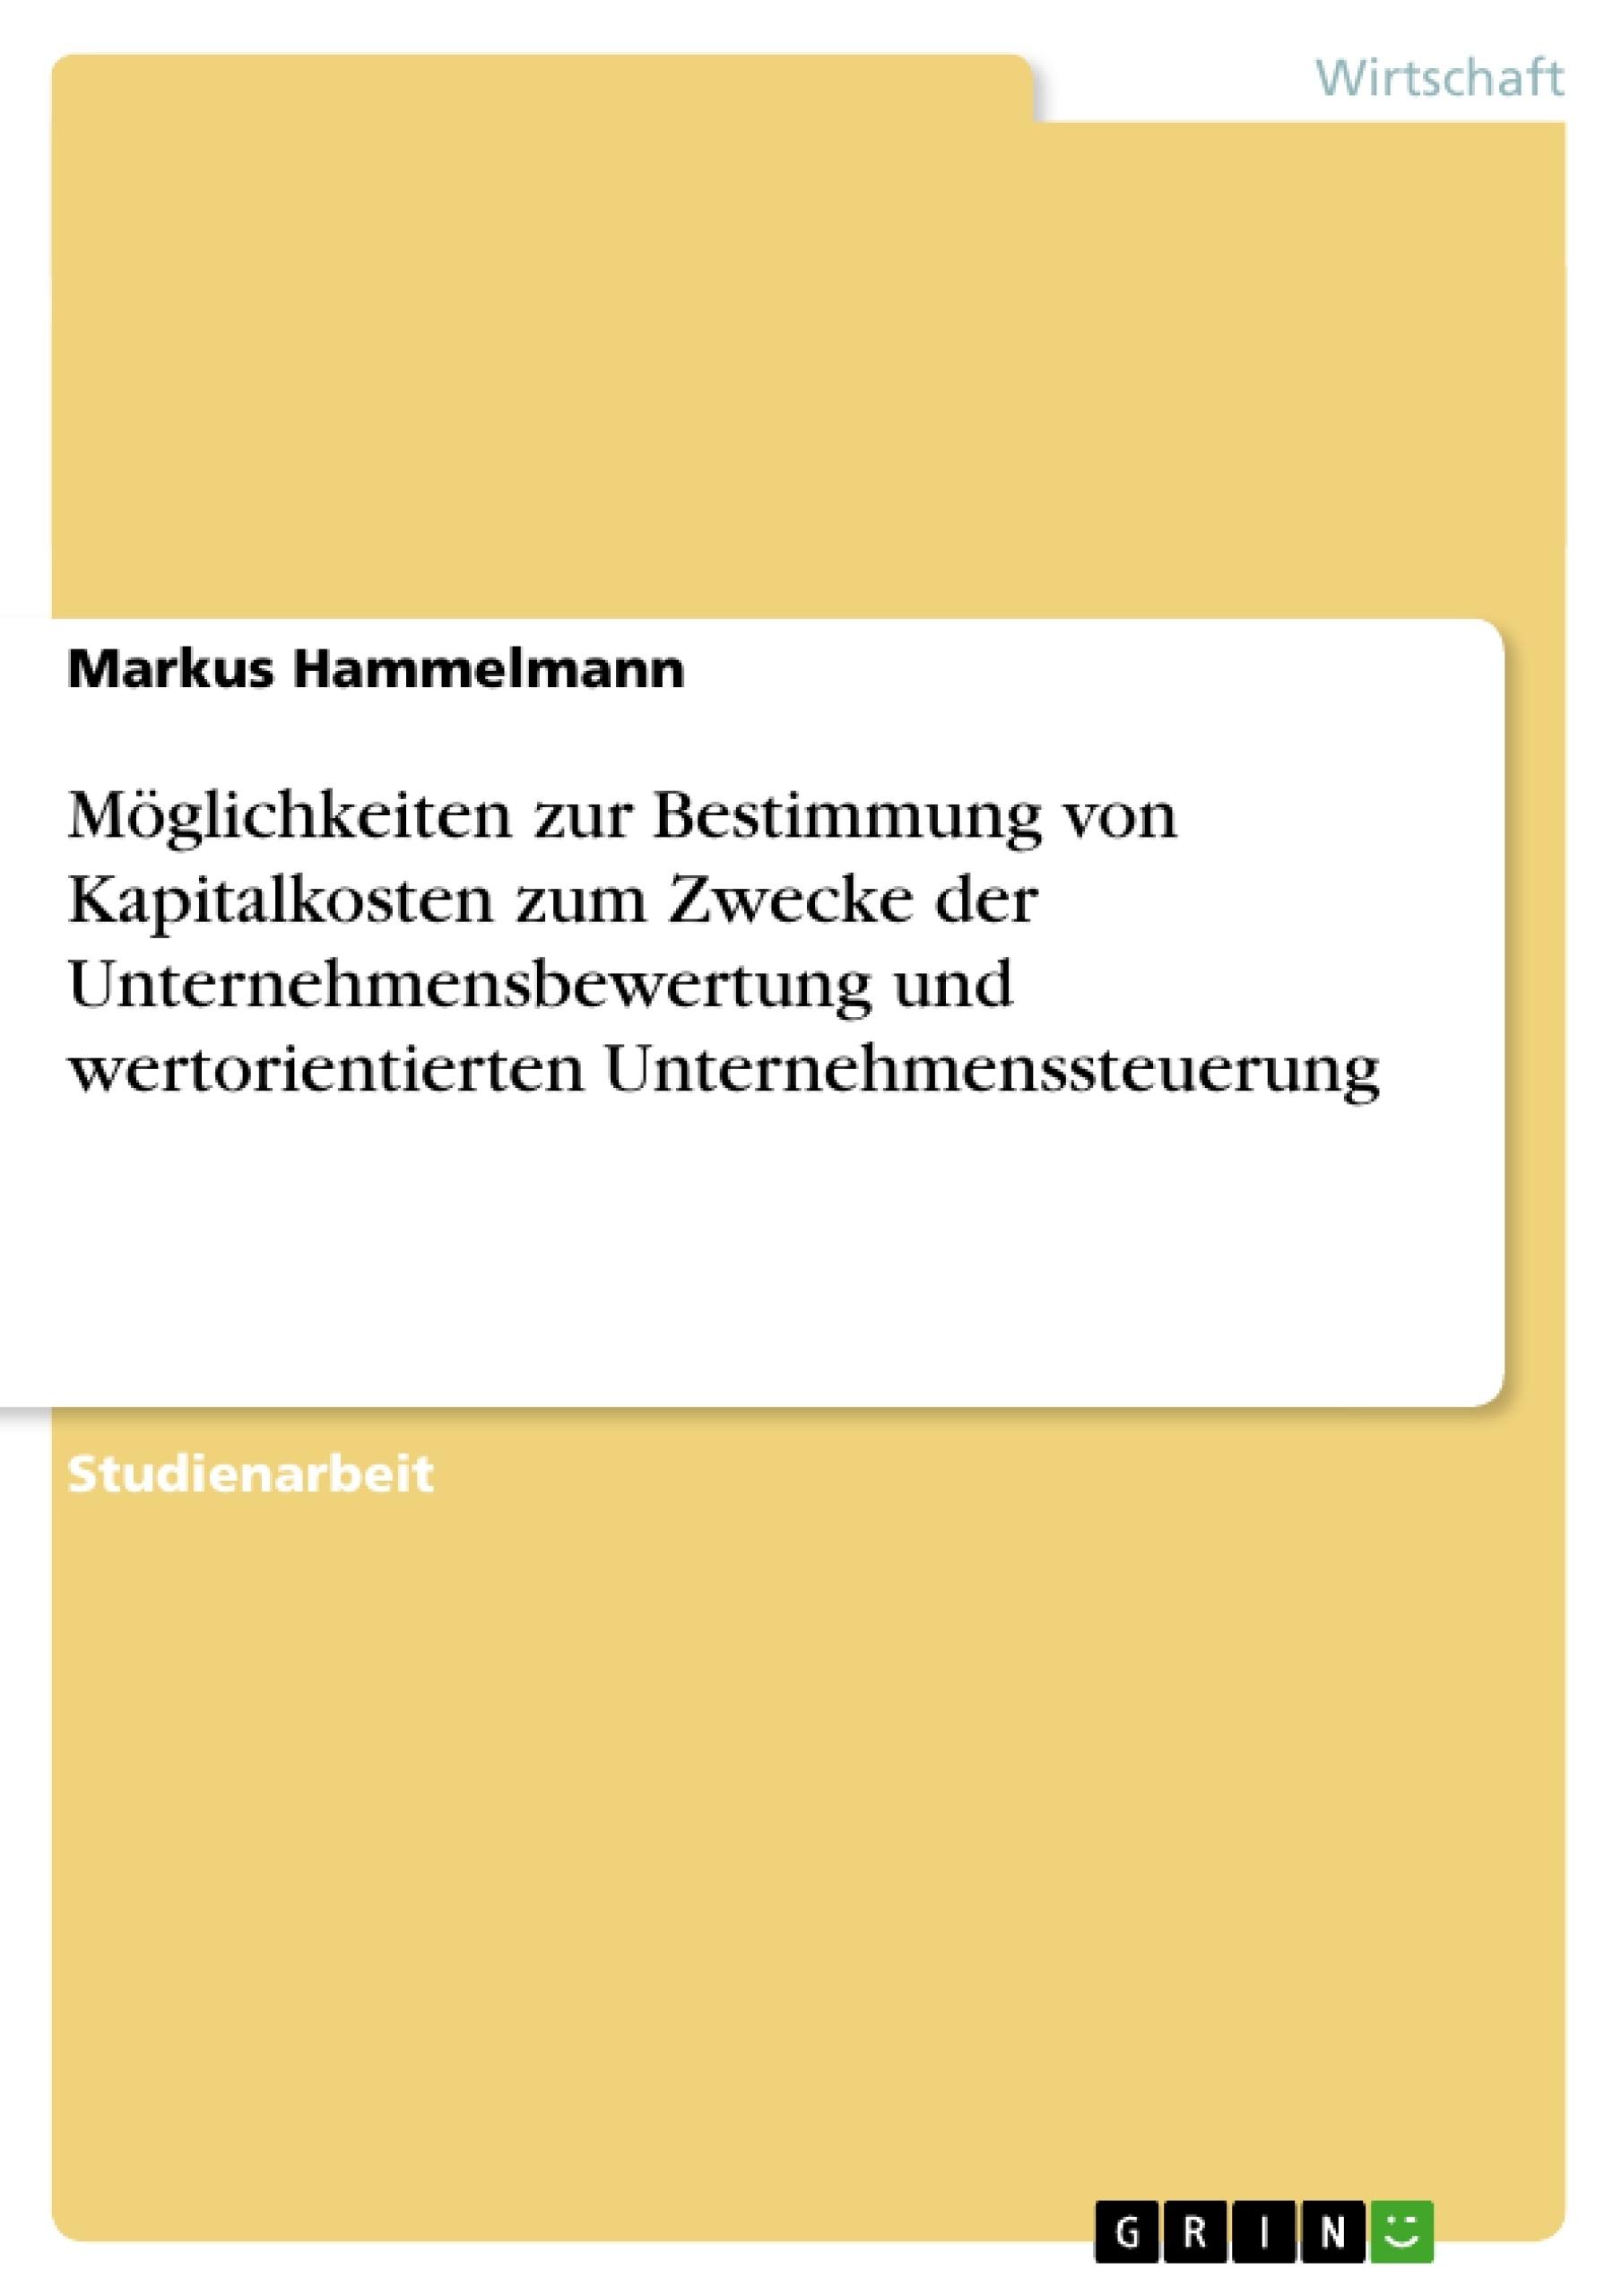 Titel: Möglichkeiten zur Bestimmung von Kapitalkosten zum Zwecke der Unternehmensbewertung und wertorientierten Unternehmenssteuerung